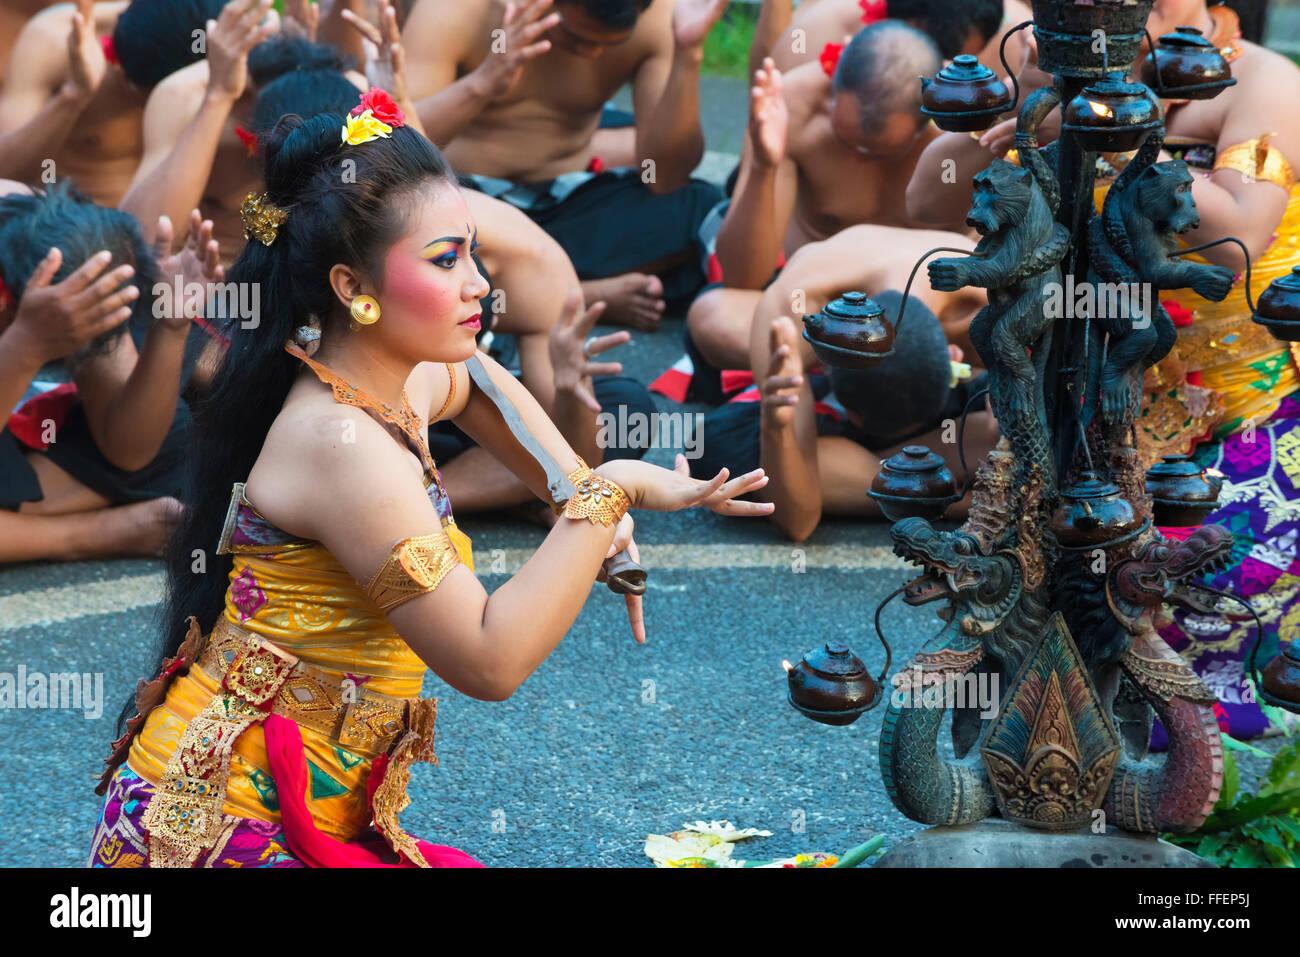 Performance of the Balinese Kecak dance, Ubud, Bali, Indonesia - Stock Image